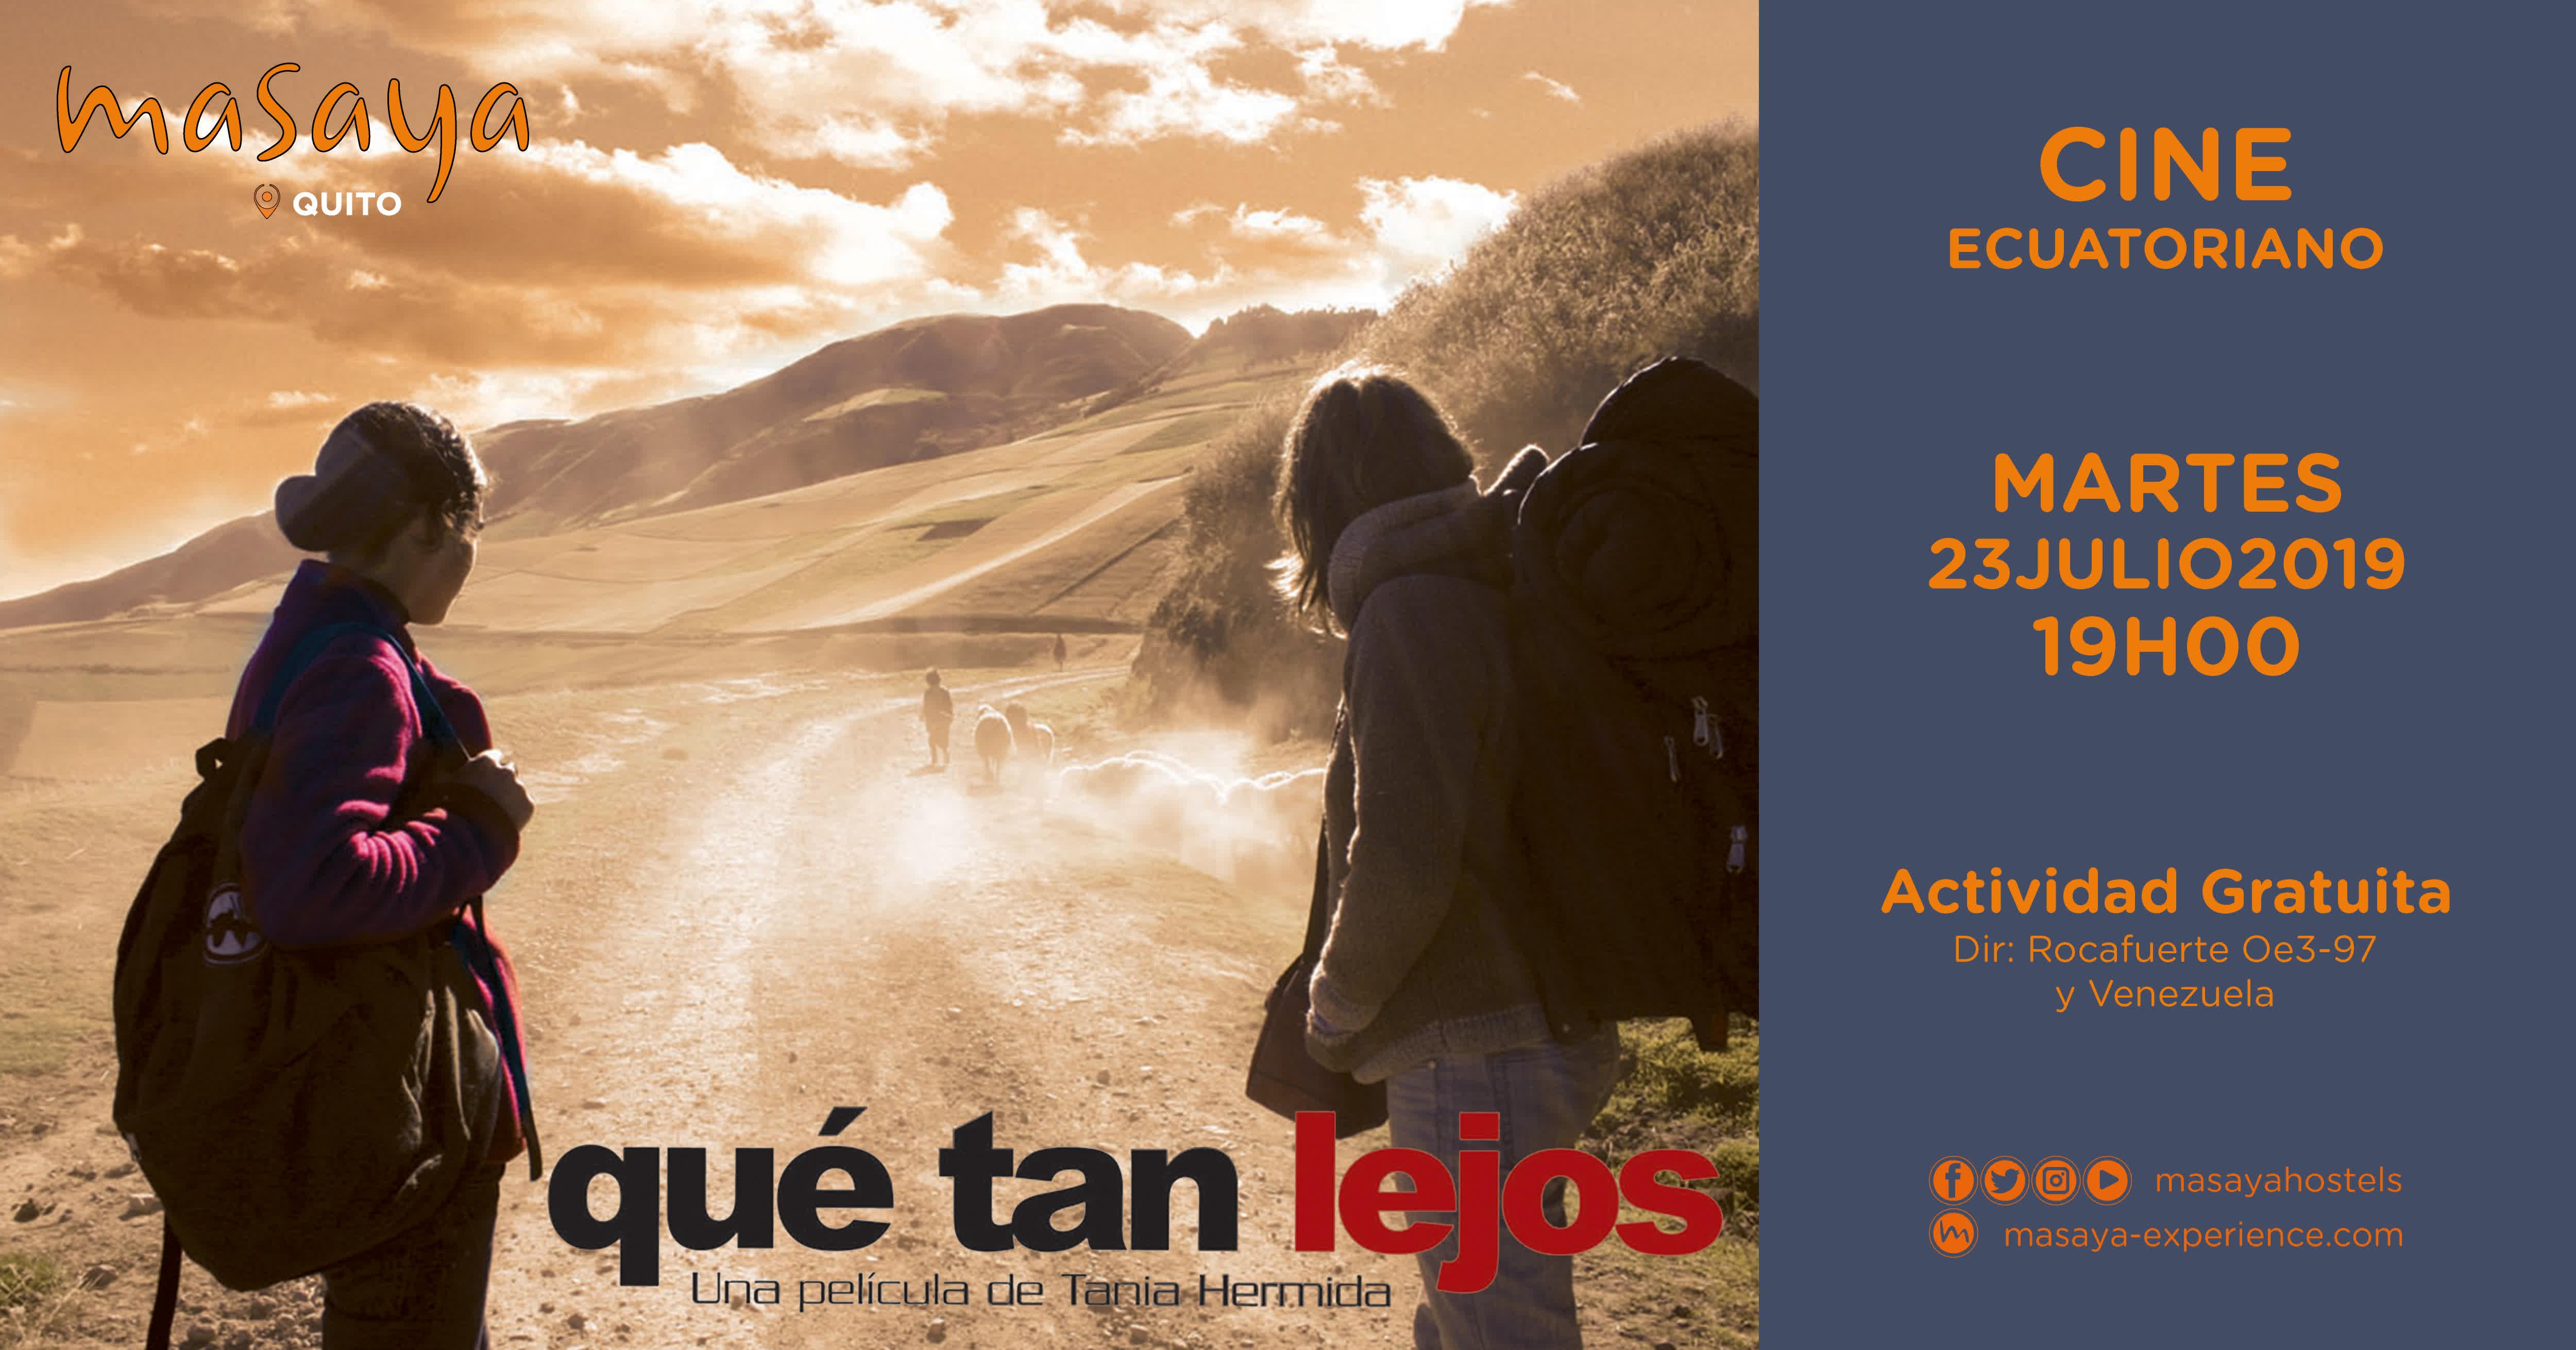 Cine Ecuatoriano - Qué tan lejos en Quito, BuenPlan